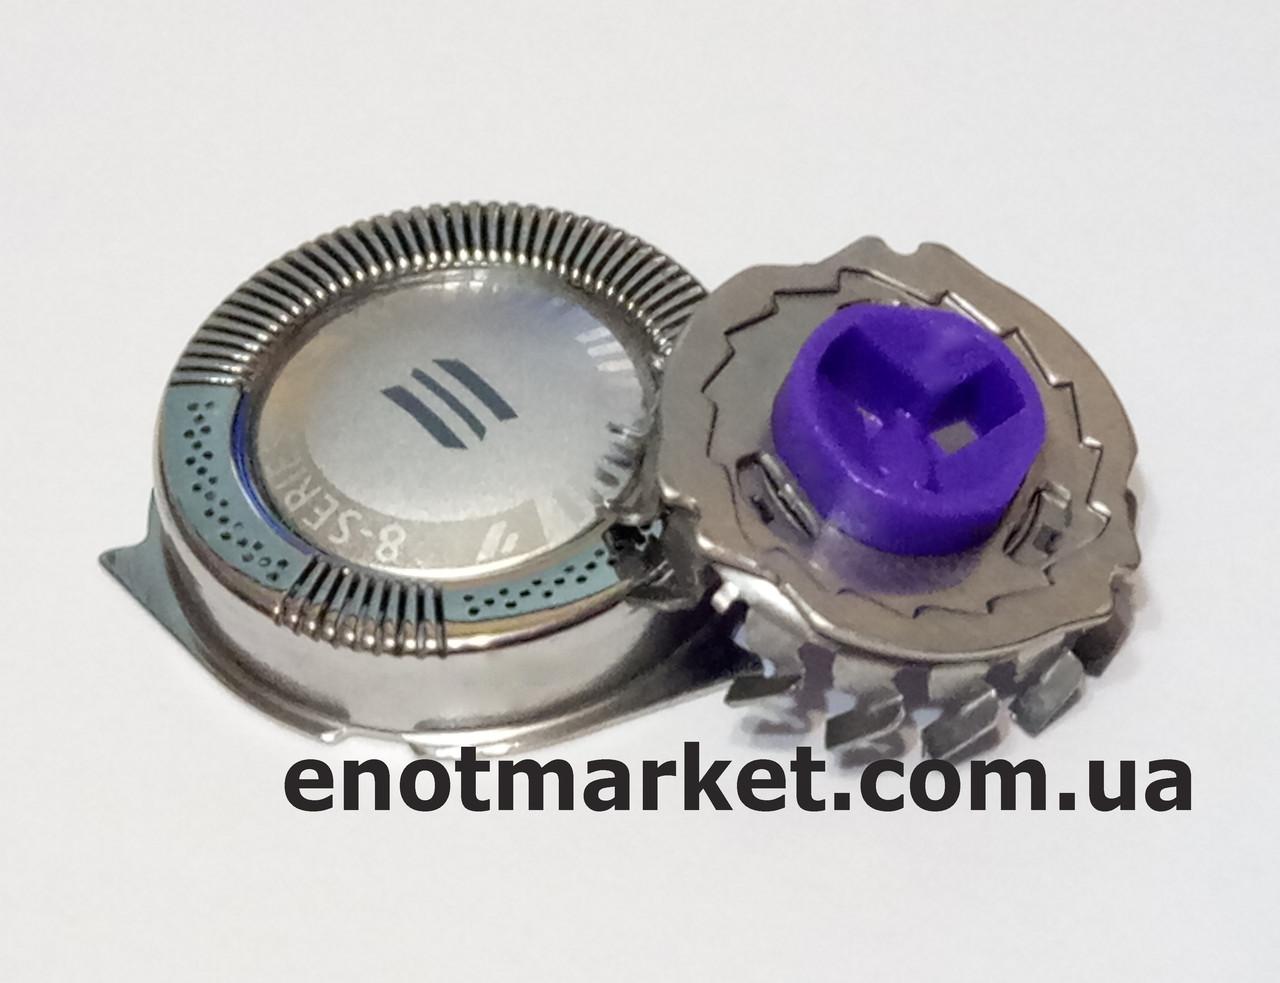 Бритвенная головка (комплект: 1 сеточка + 1 лезвие) для электробритвы Philips (аналог) серии HQ, AT, PT, XL